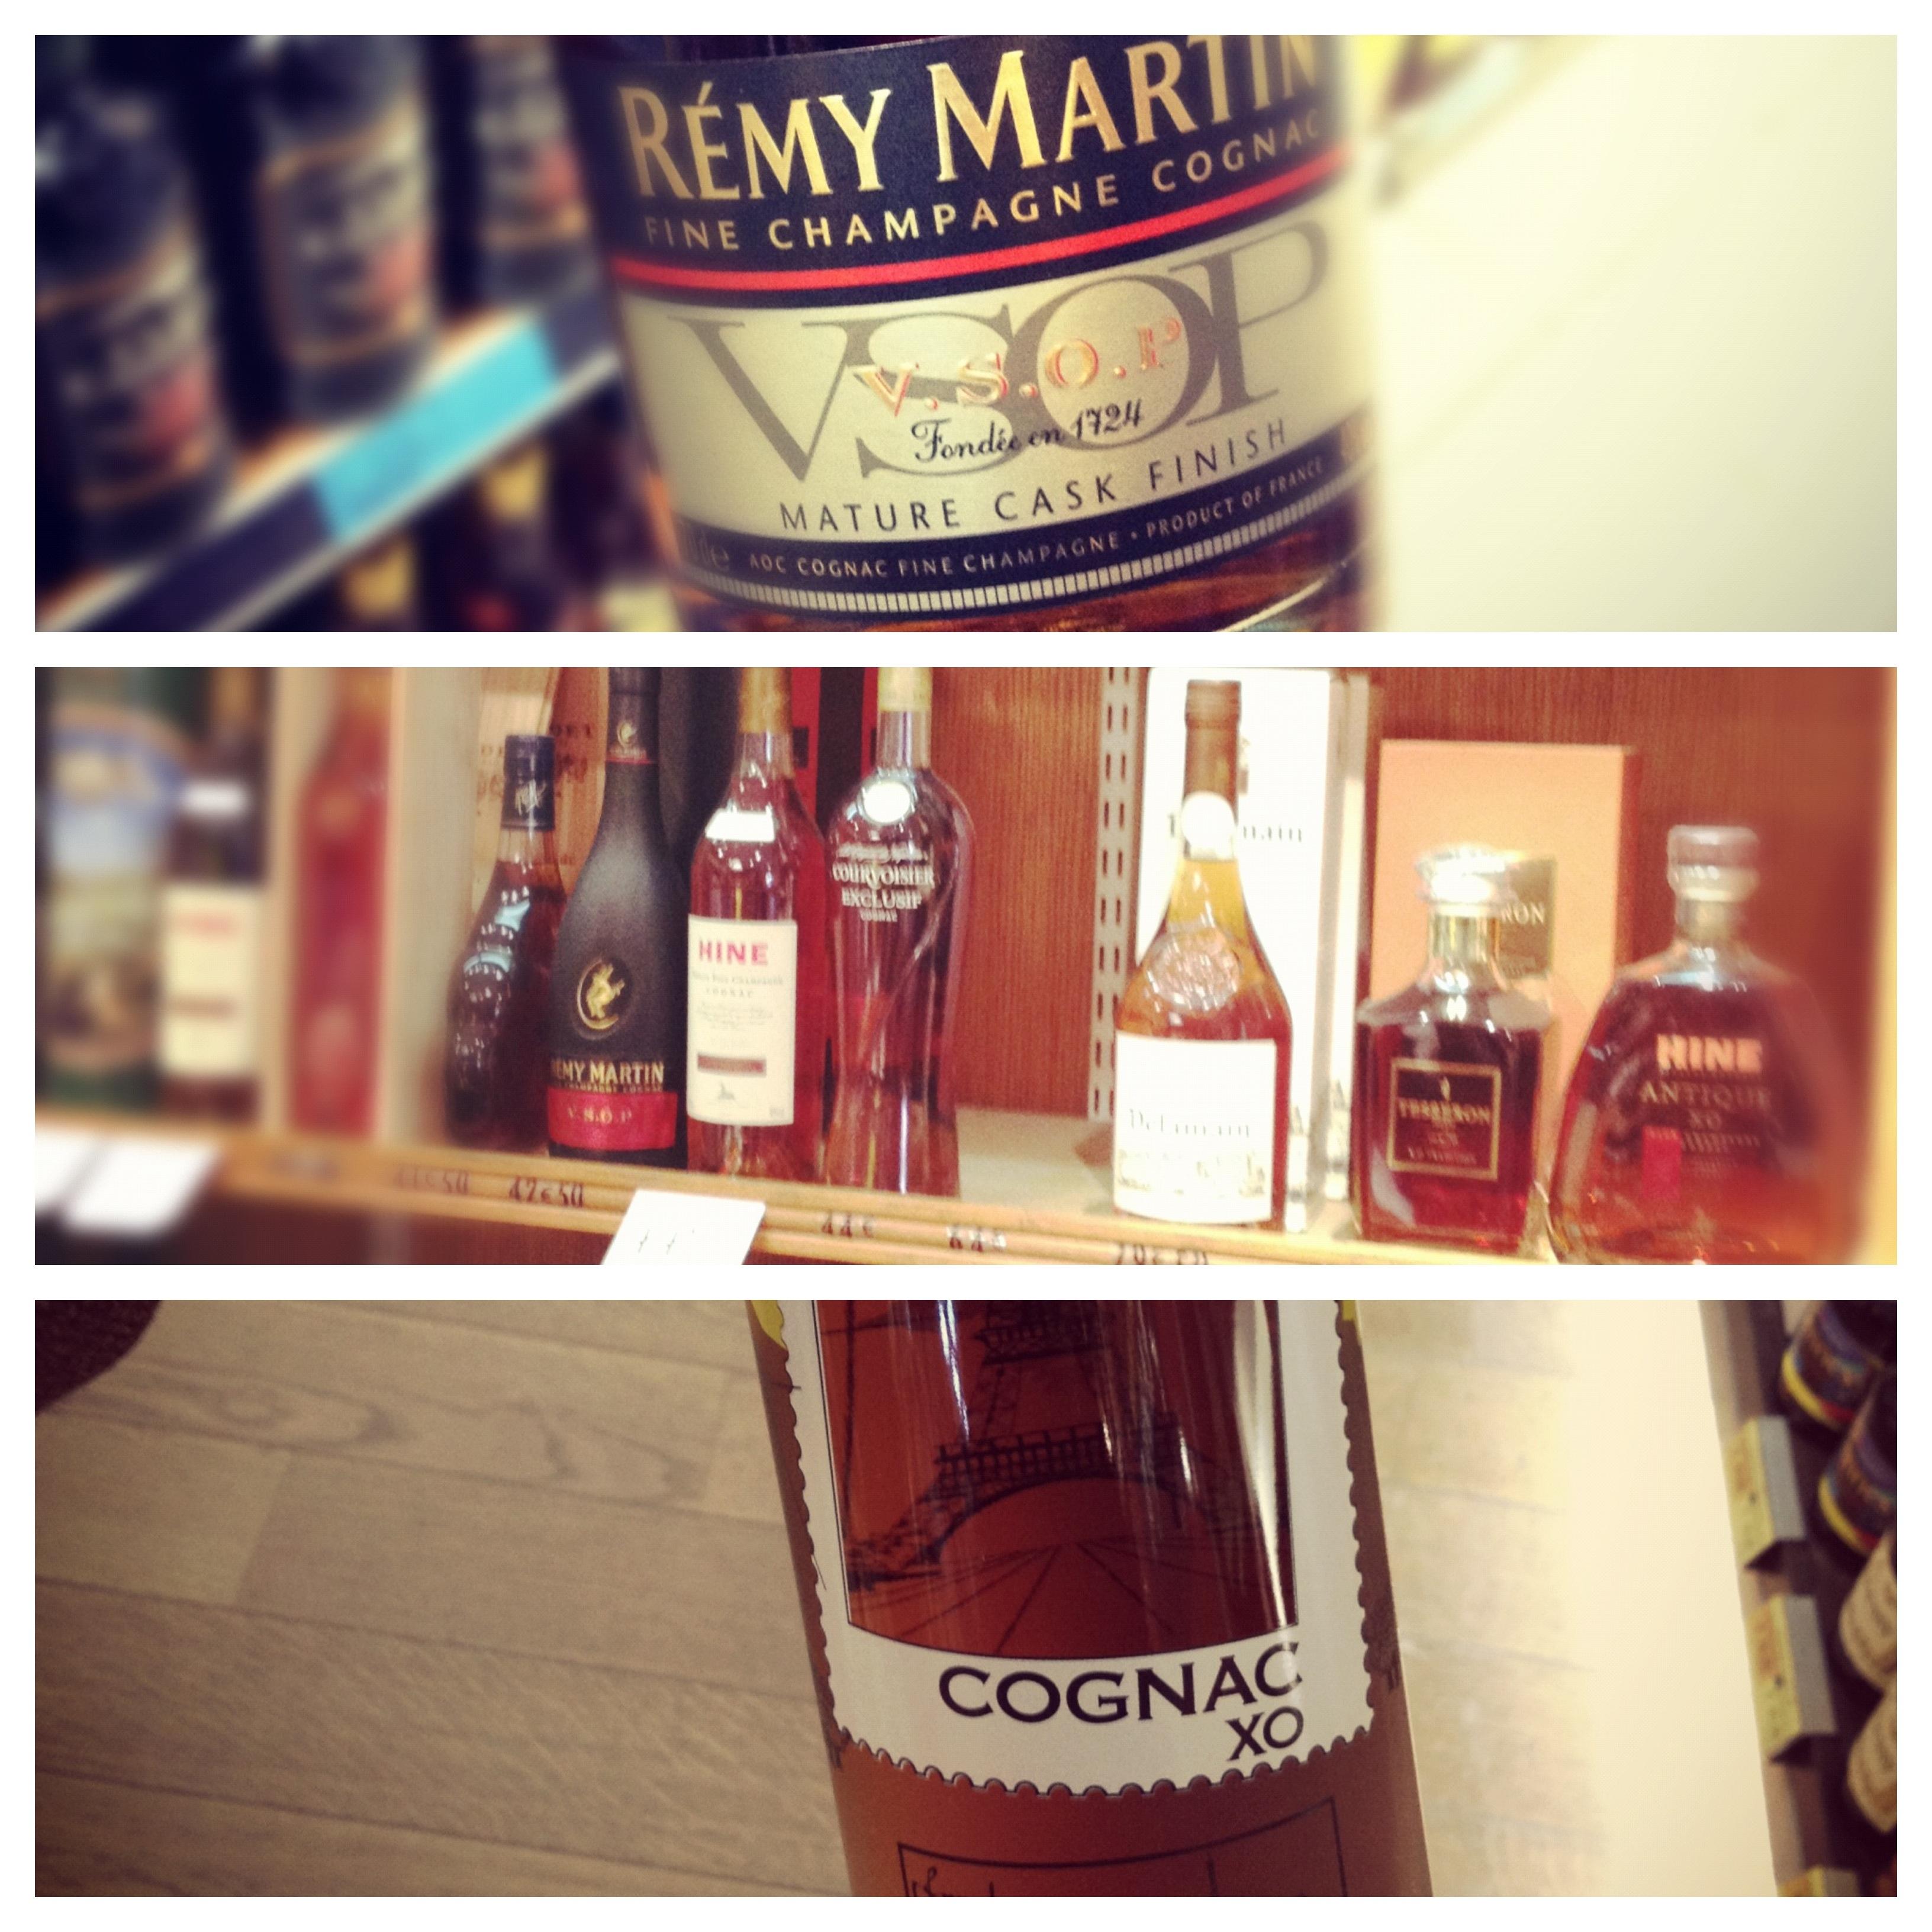 Cognac labels